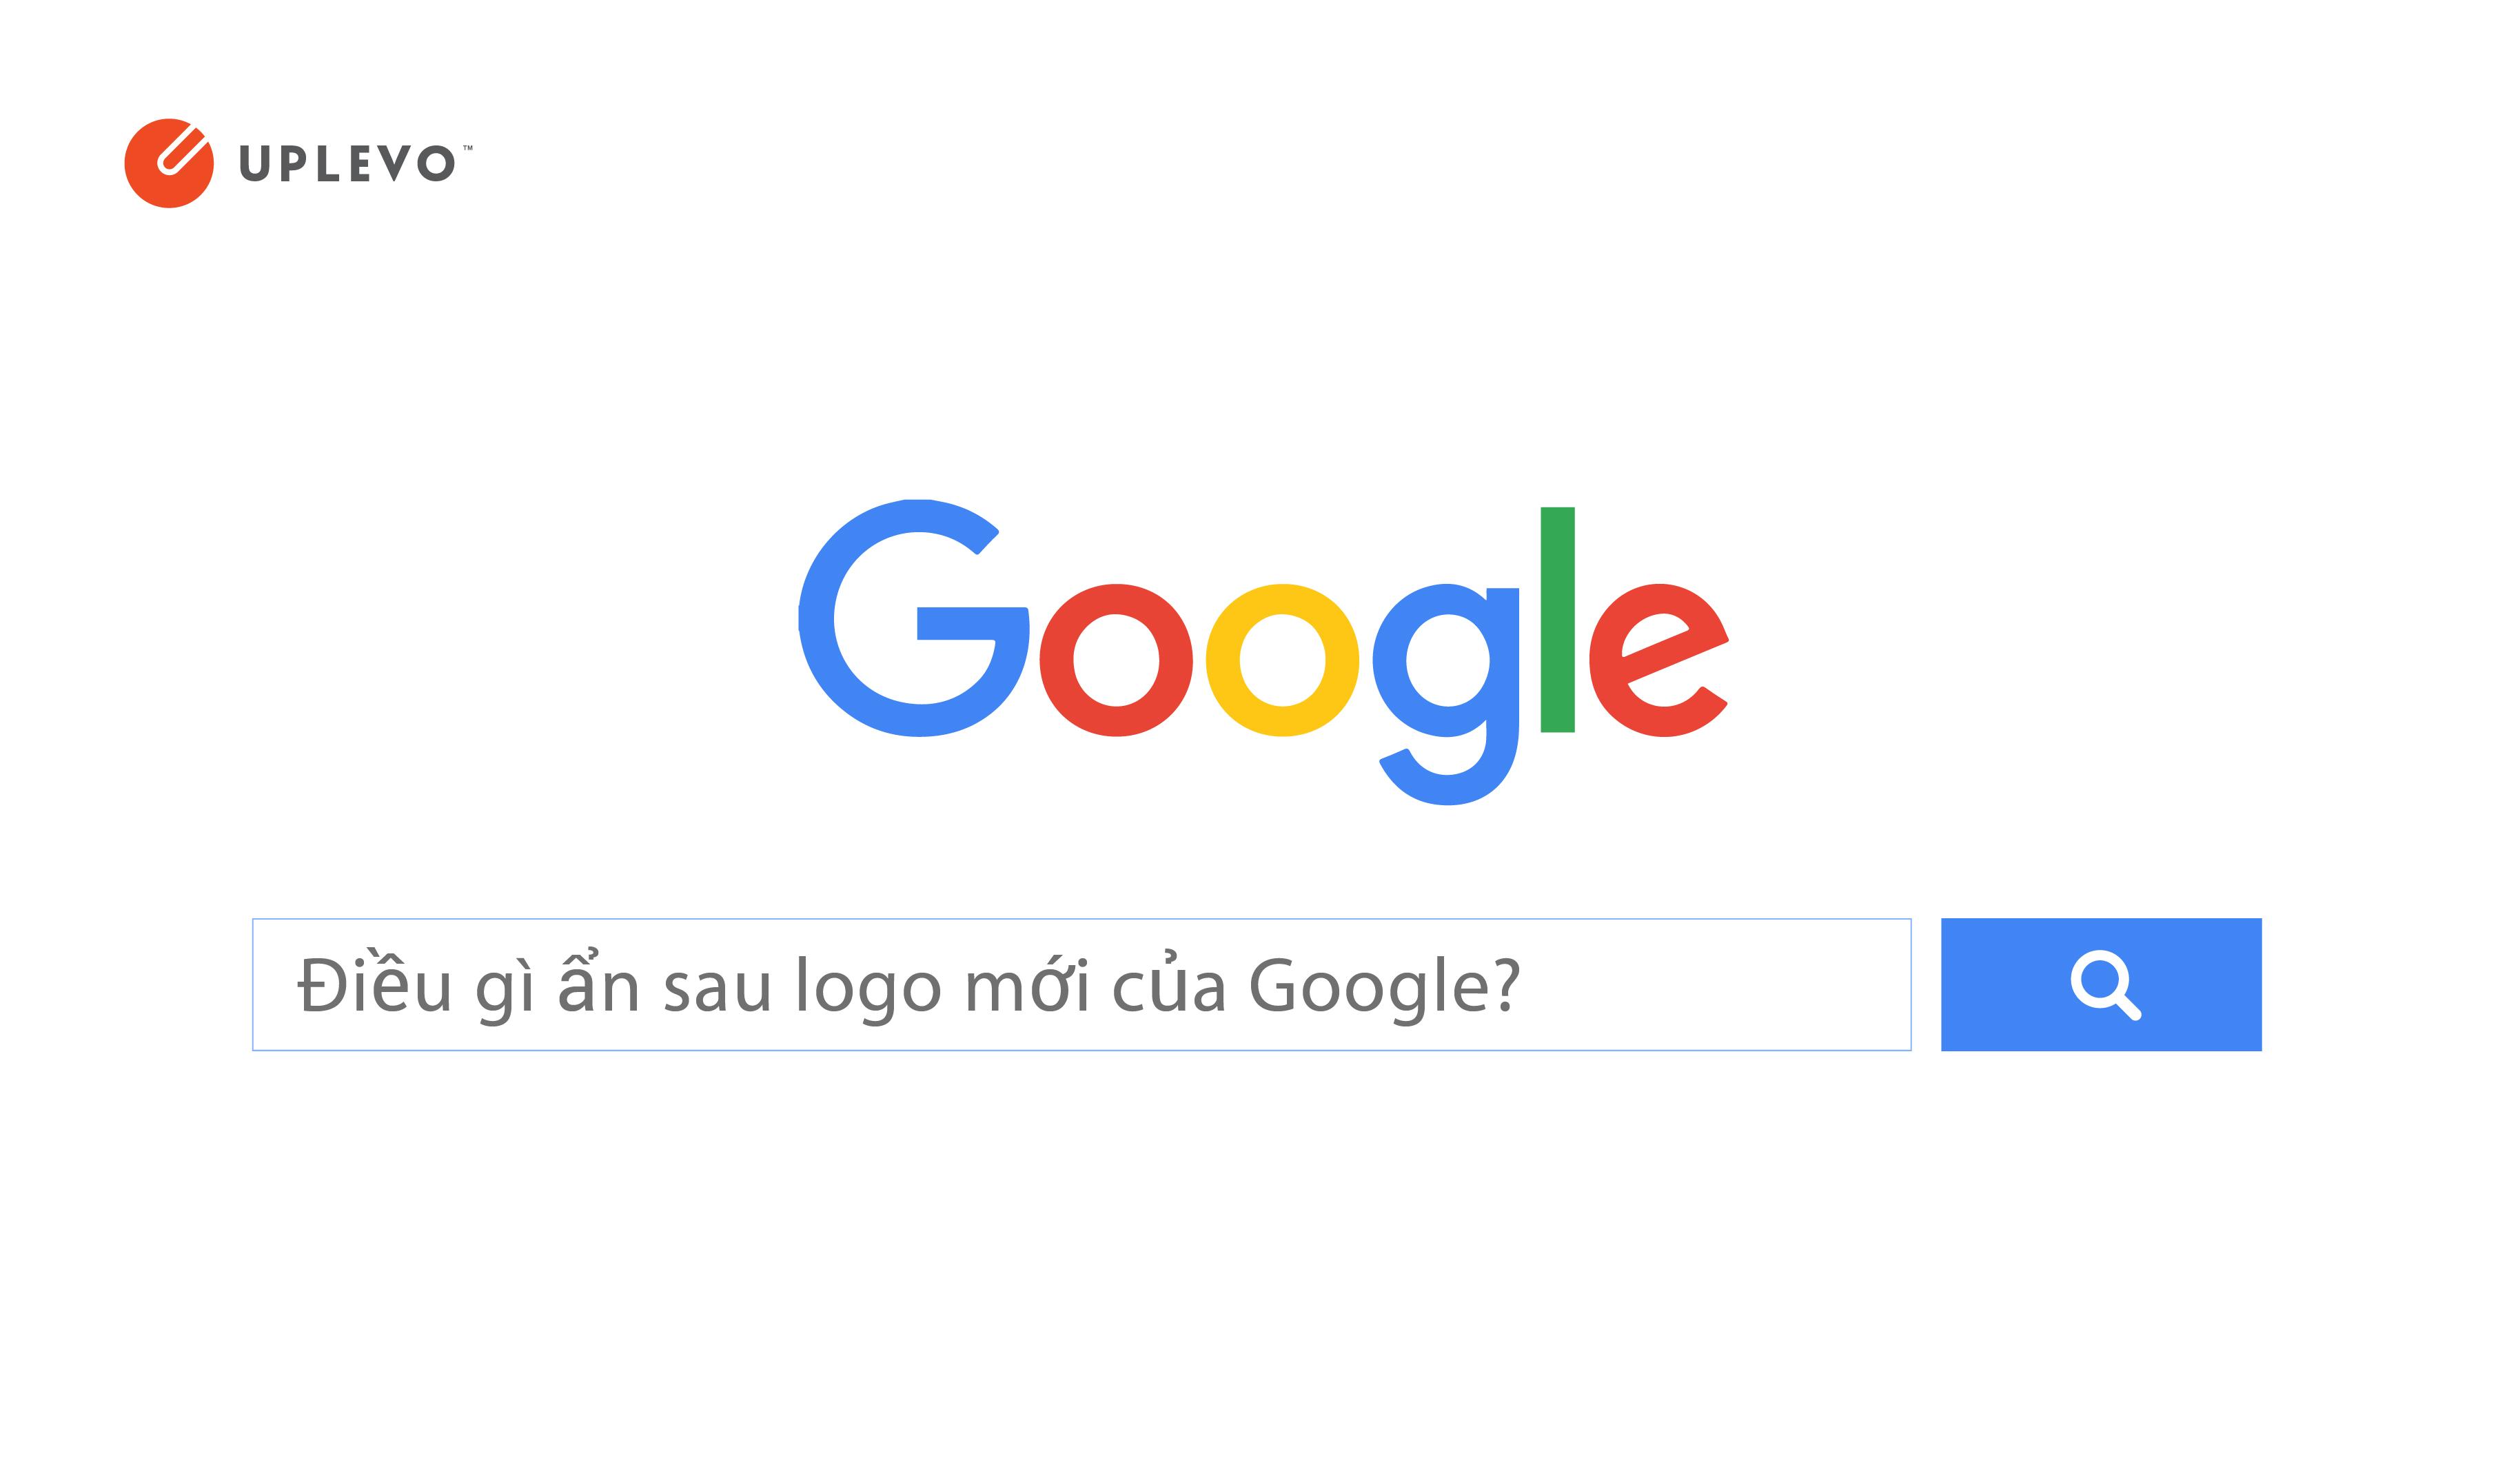 điều gì ẩn sau logo mới của google